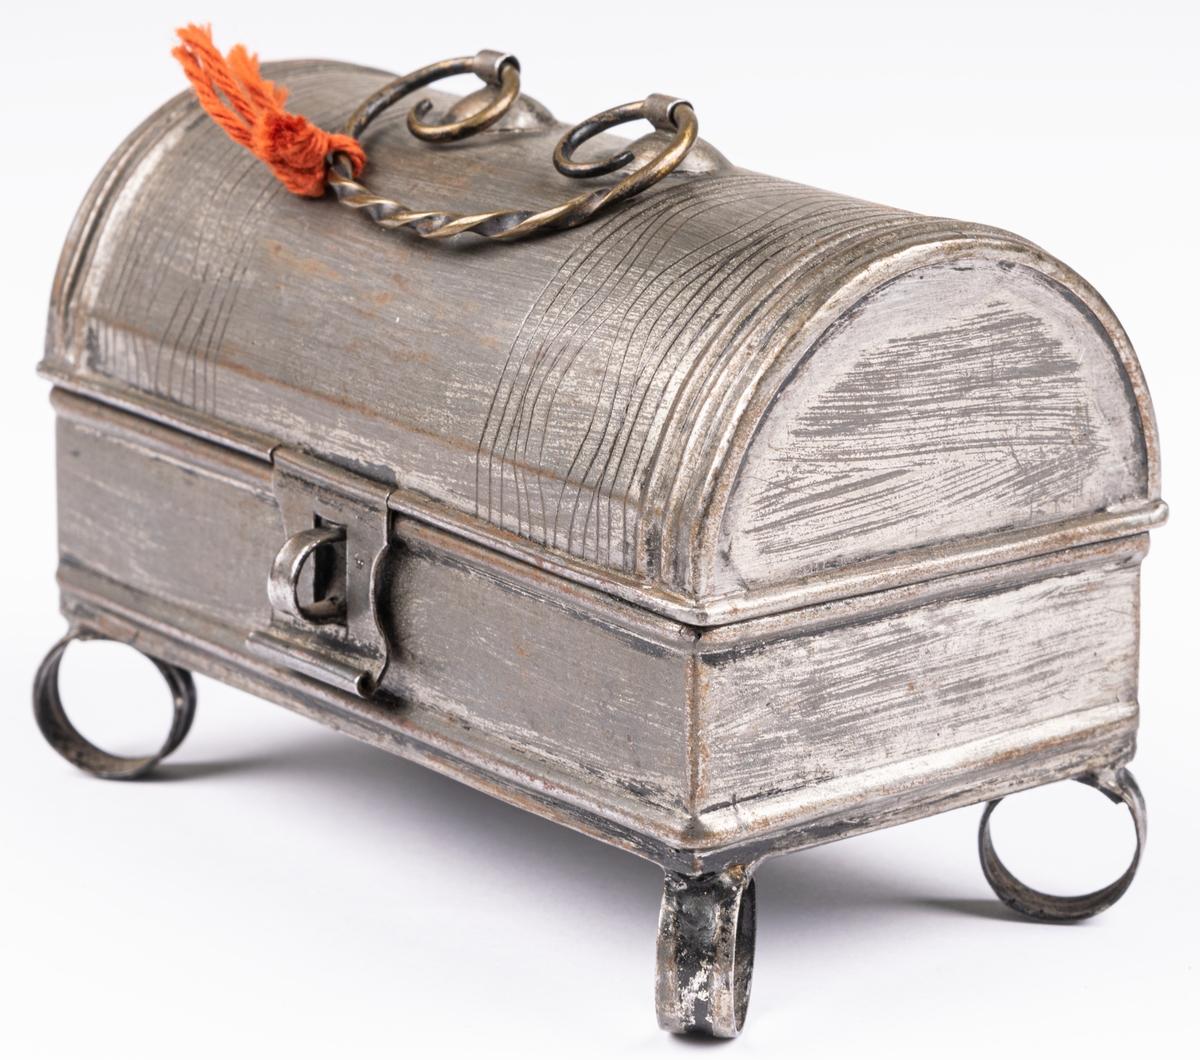 """Litet plåtskrin. I skrinet ligger en papperslapp med texten: """"Modell inlämnad av Fru Wilelund den 7/10 1937""""."""